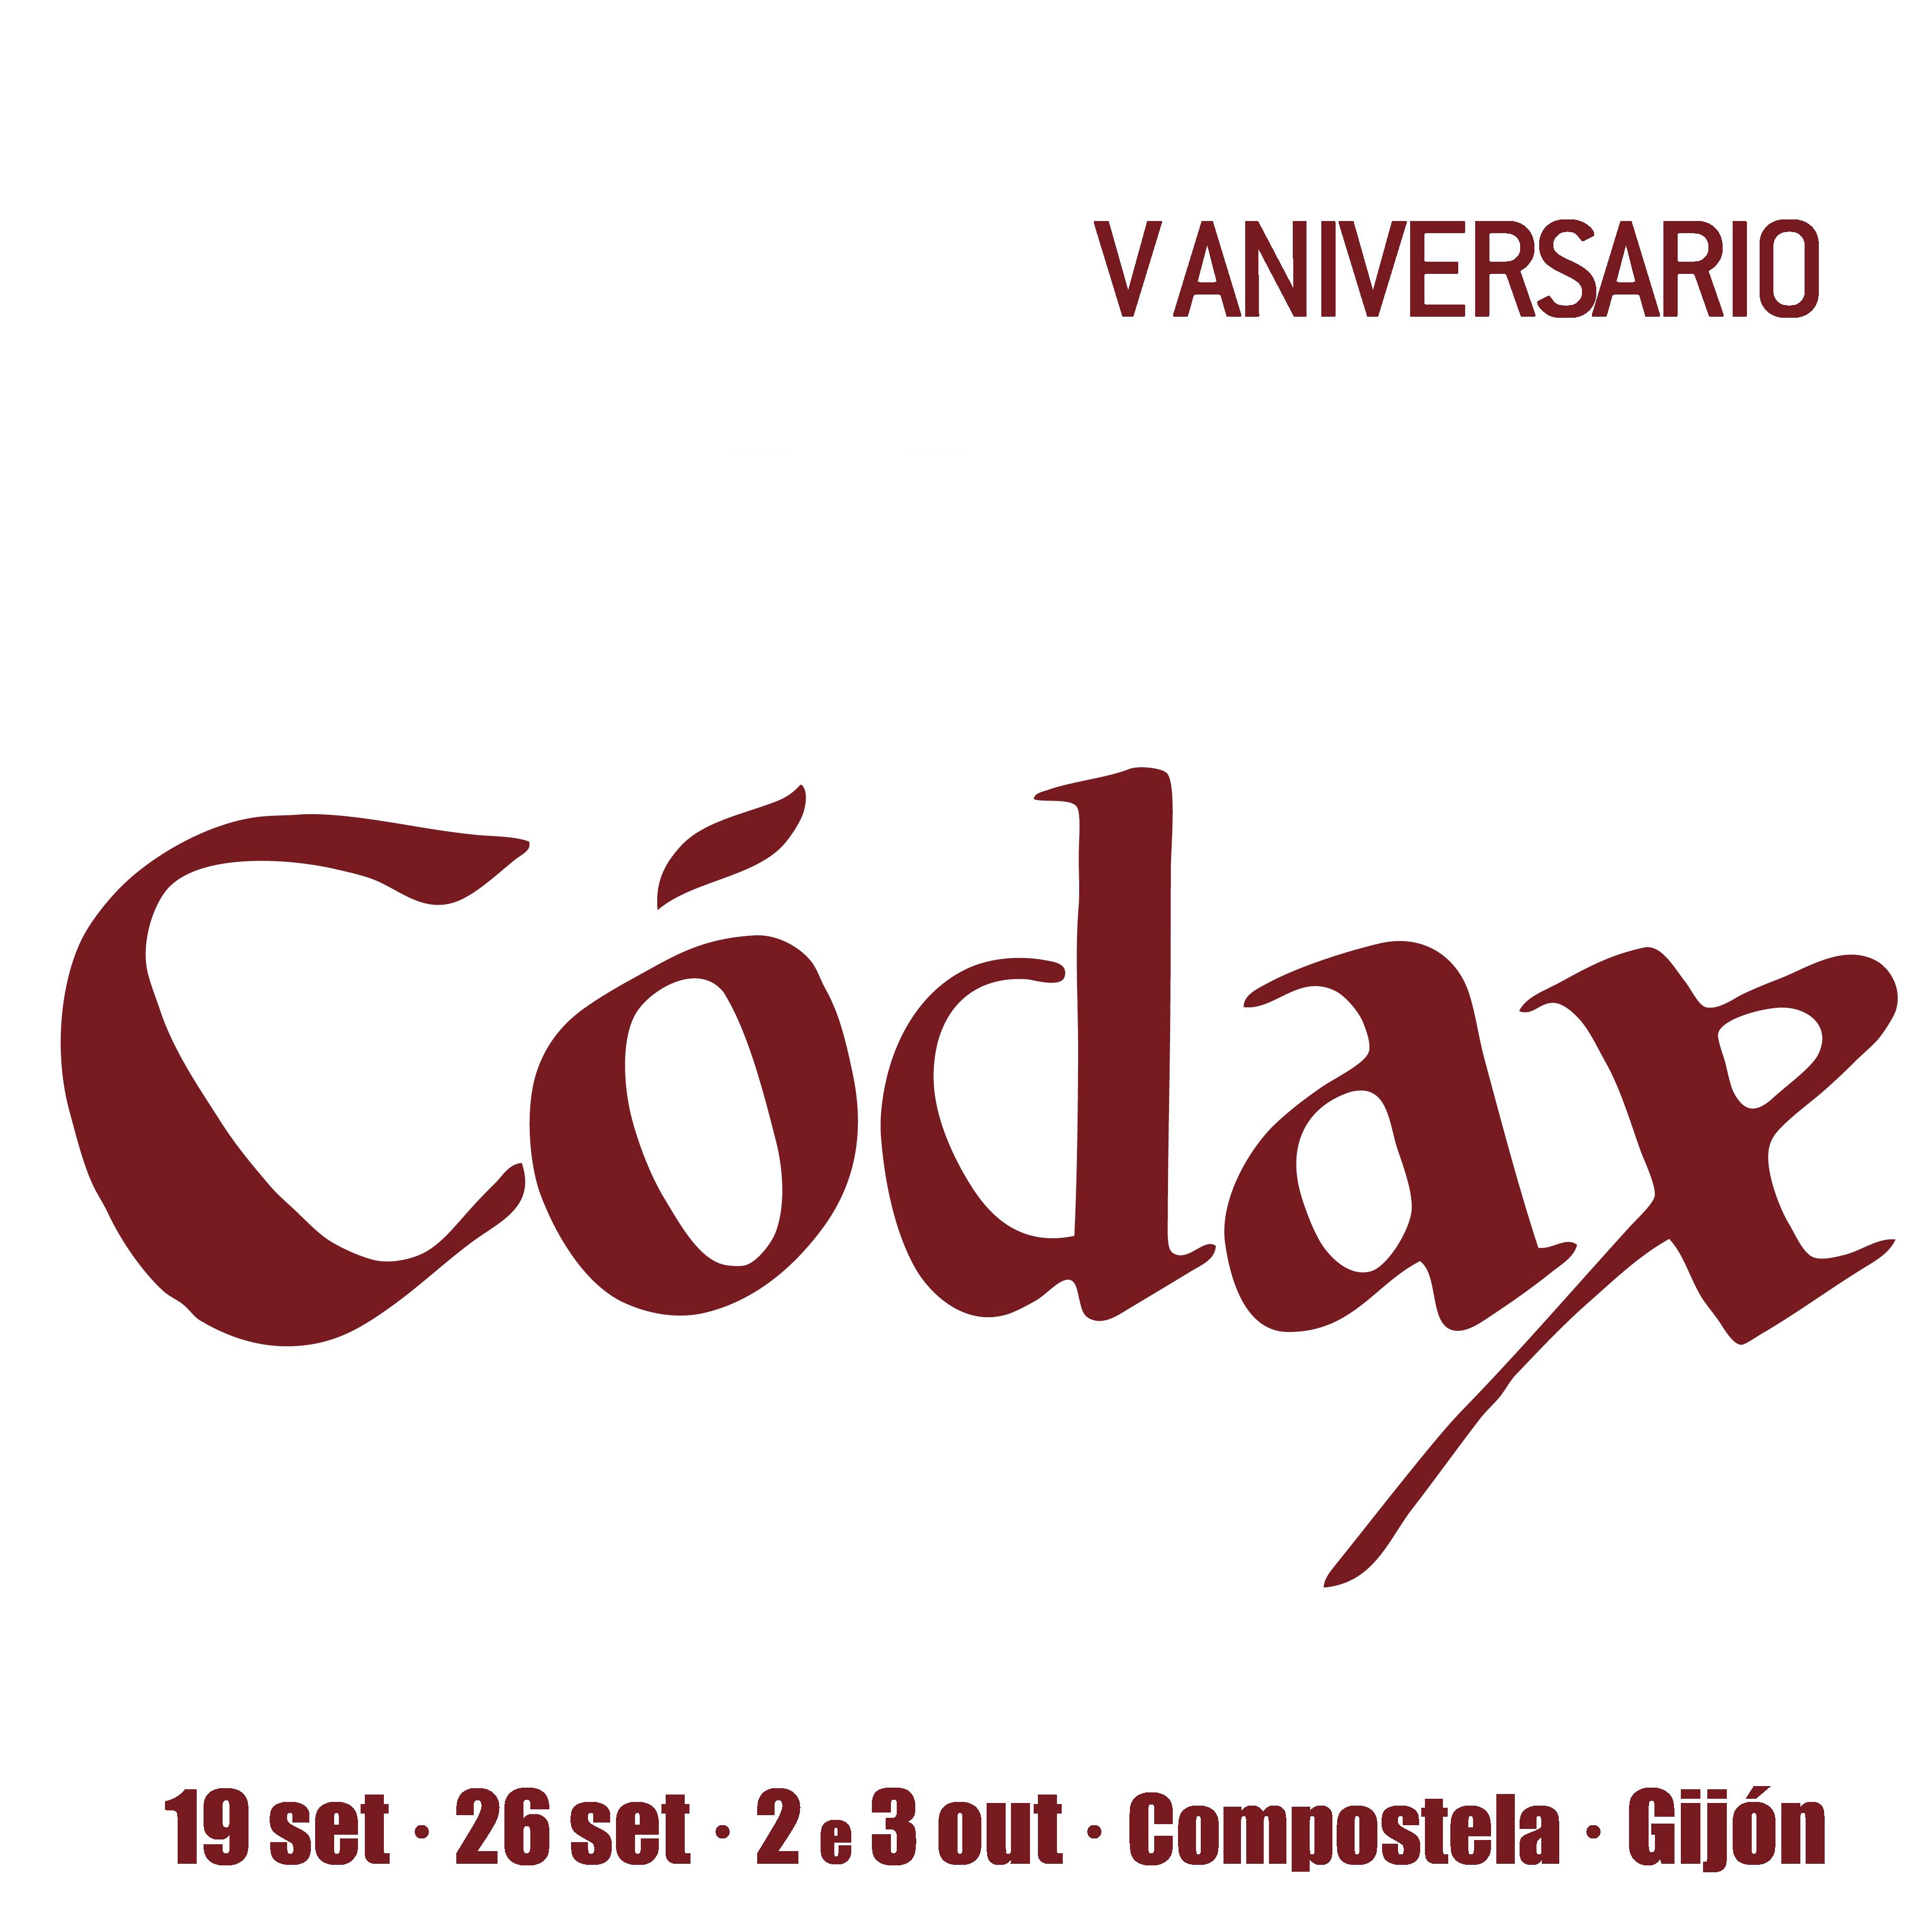 Outono Códax Festival